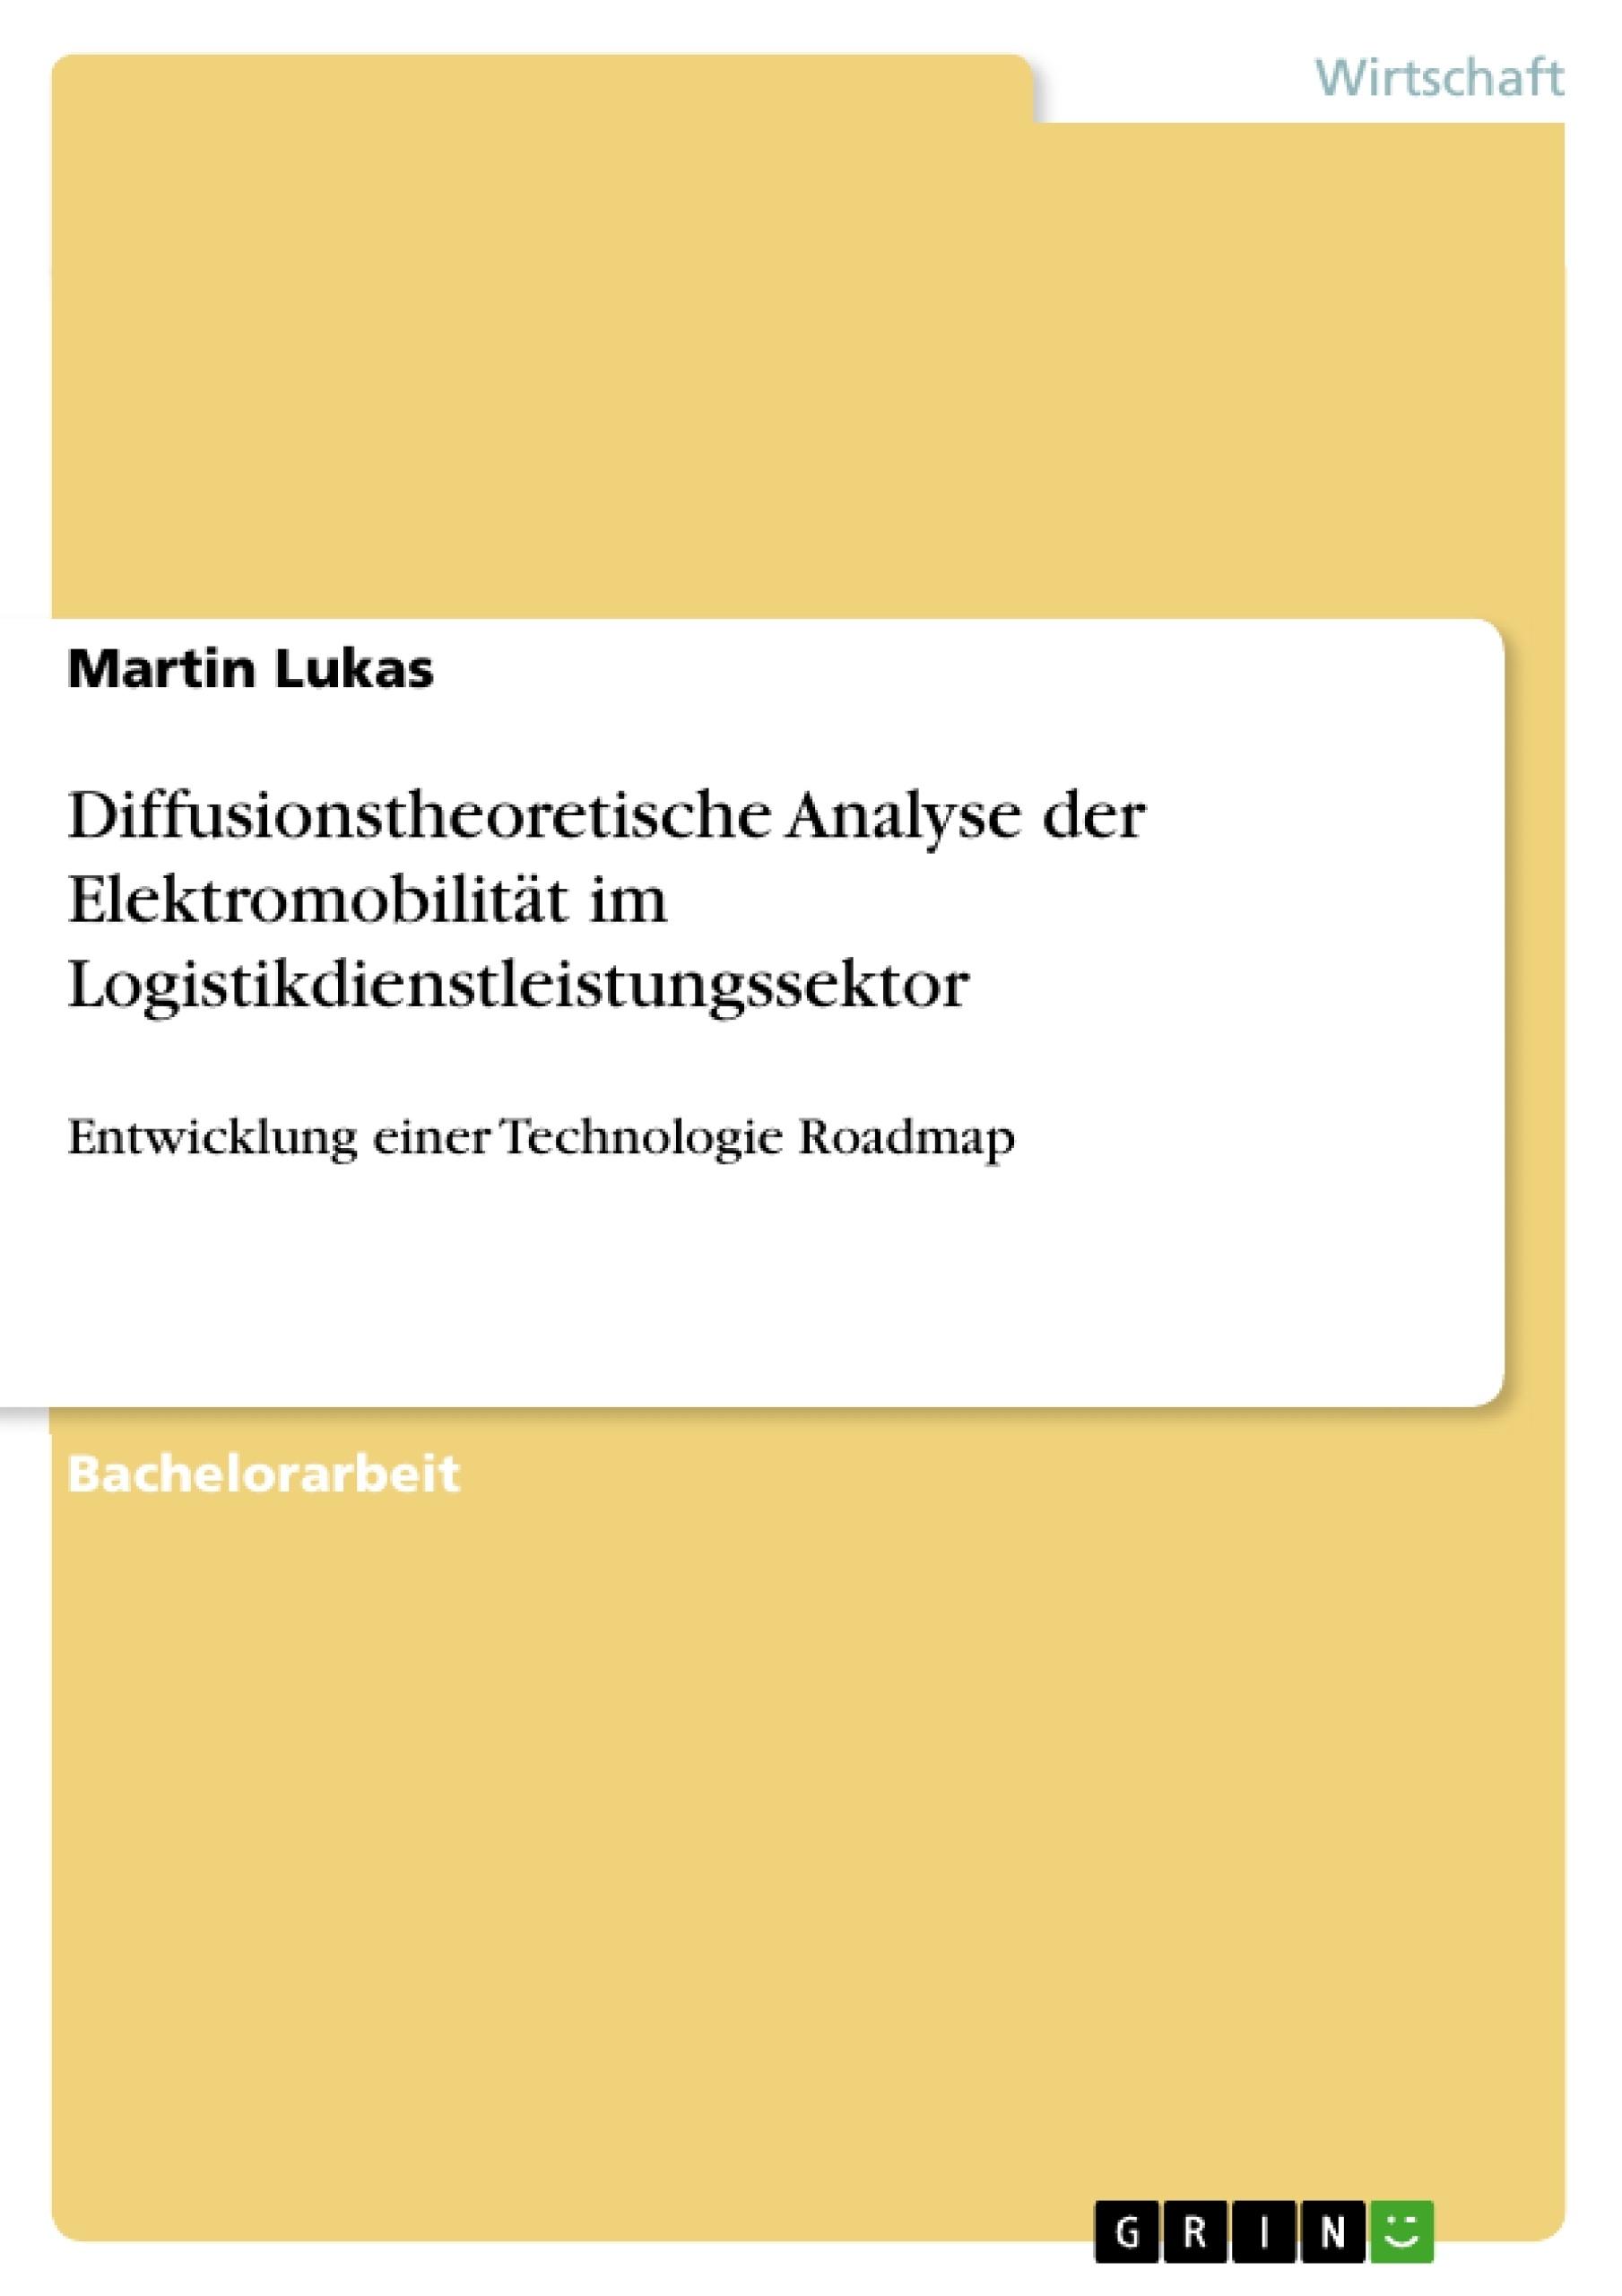 Titel: Diffusionstheoretische Analyse der Elektromobilität im Logistikdienstleistungssektor